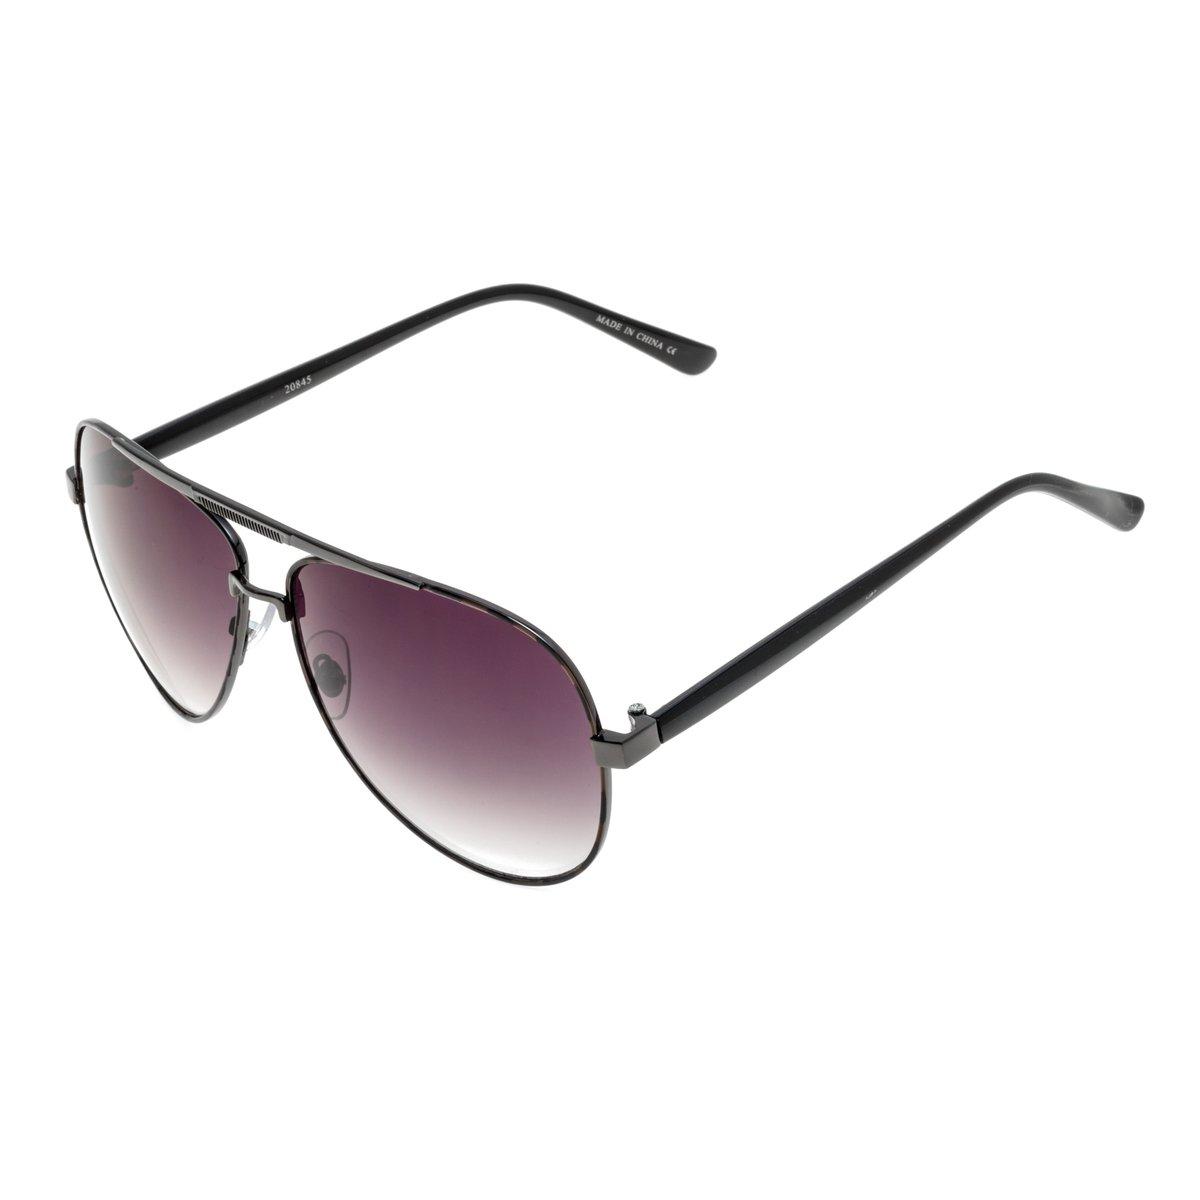 2eaa85f0352a0 Óculos de Sol Khatto KT20830 - Compre Agora   Netshoes